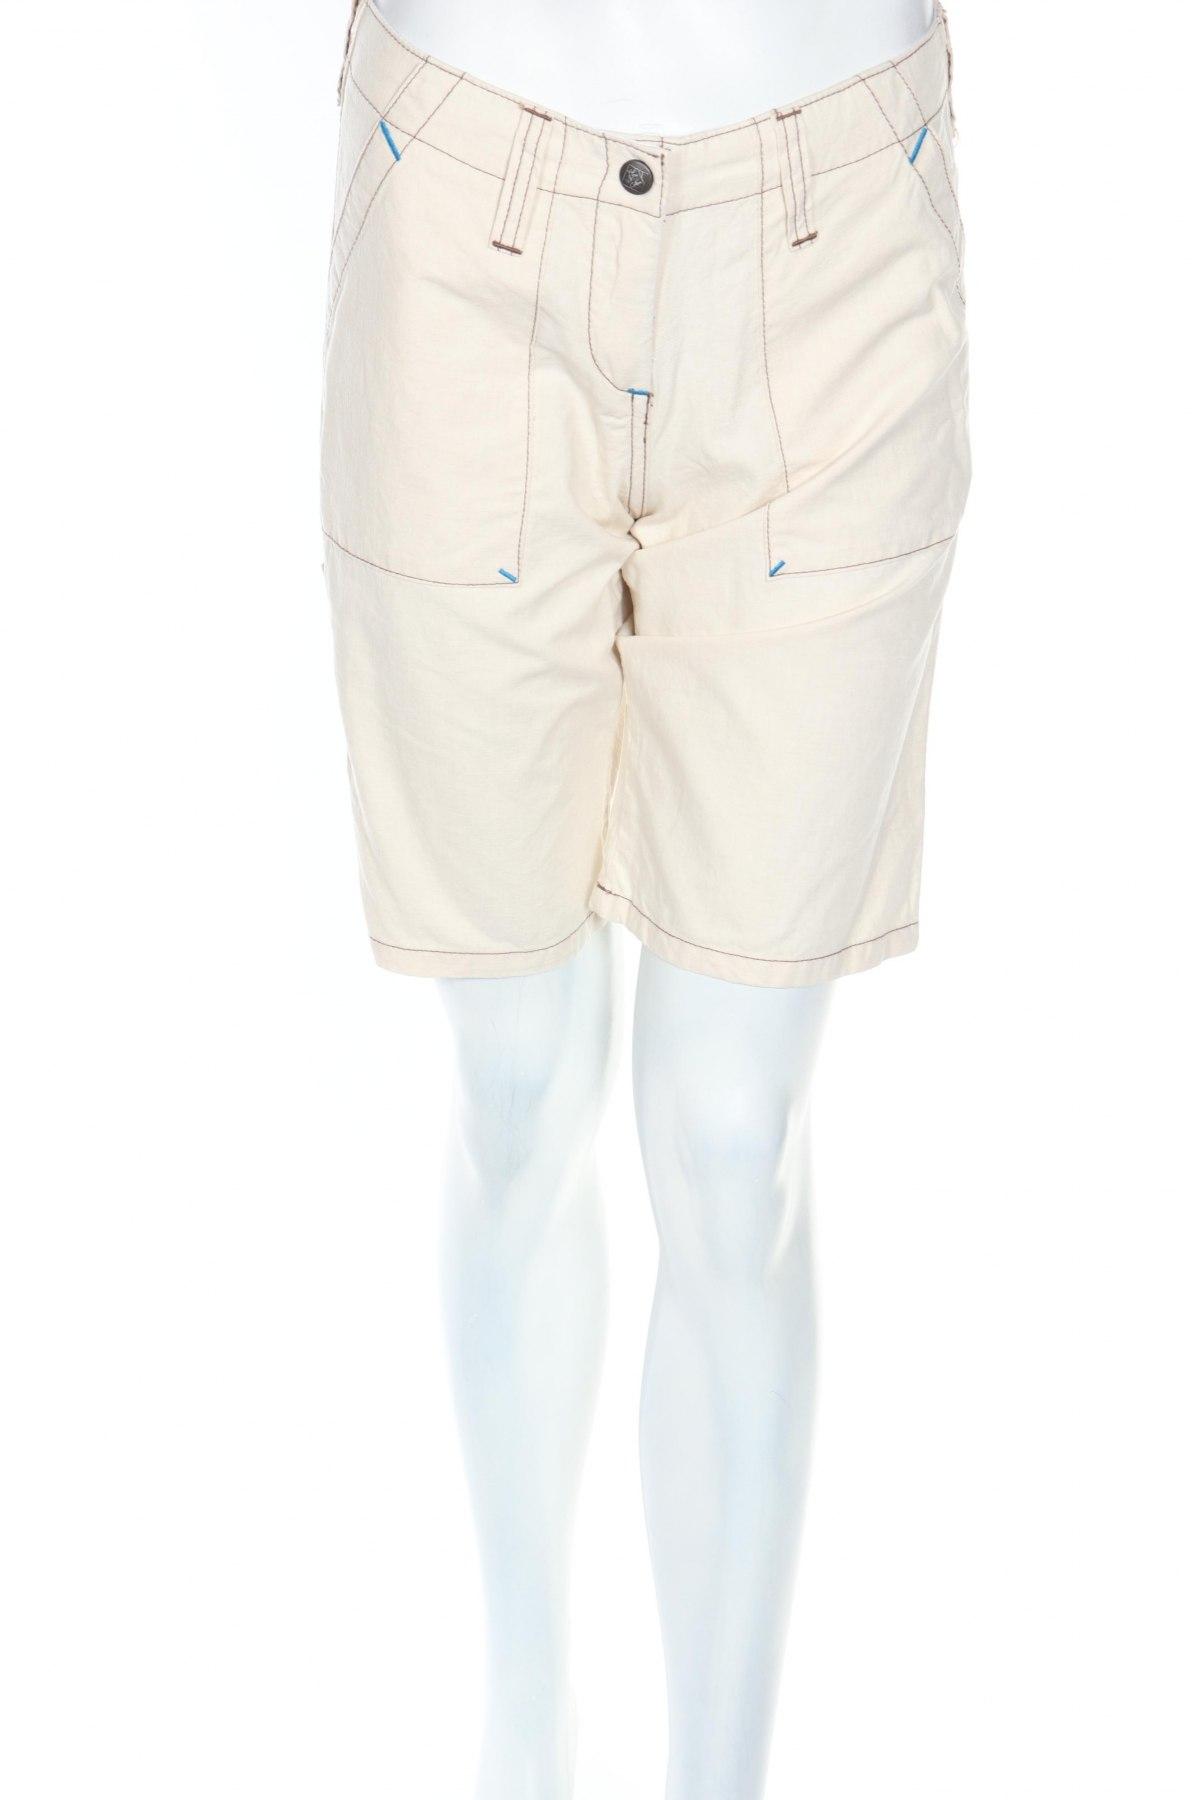 Γυναικείο κοντό παντελόνι Chillaz, Μέγεθος XS, Χρώμα Εκρού, 80% βαμβάκι, 20% λινό, Τιμή 7,82€